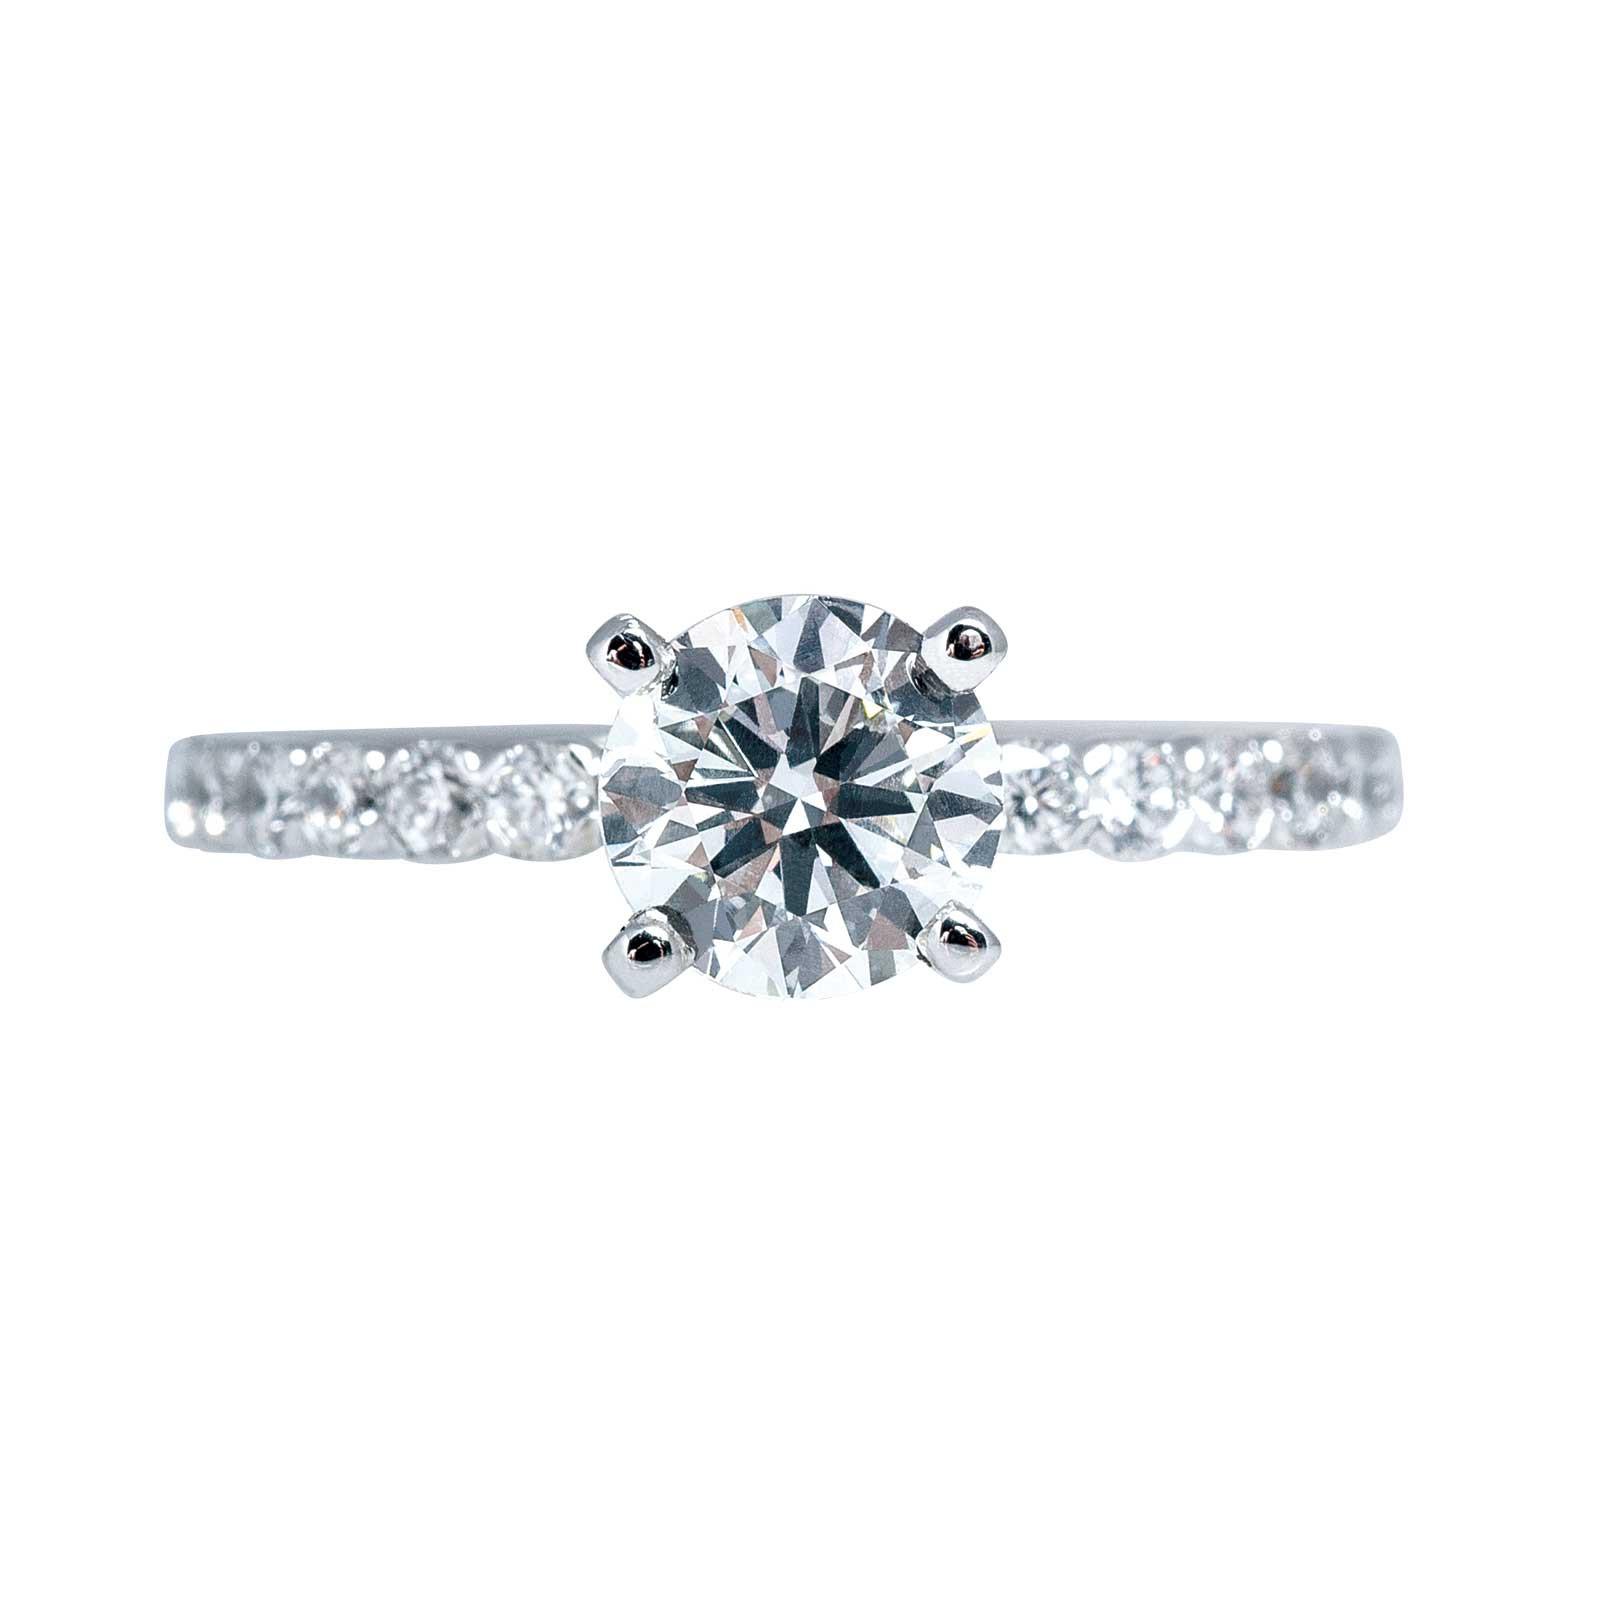 New Venetti 1.37 CTW Diamond Engagement Ring